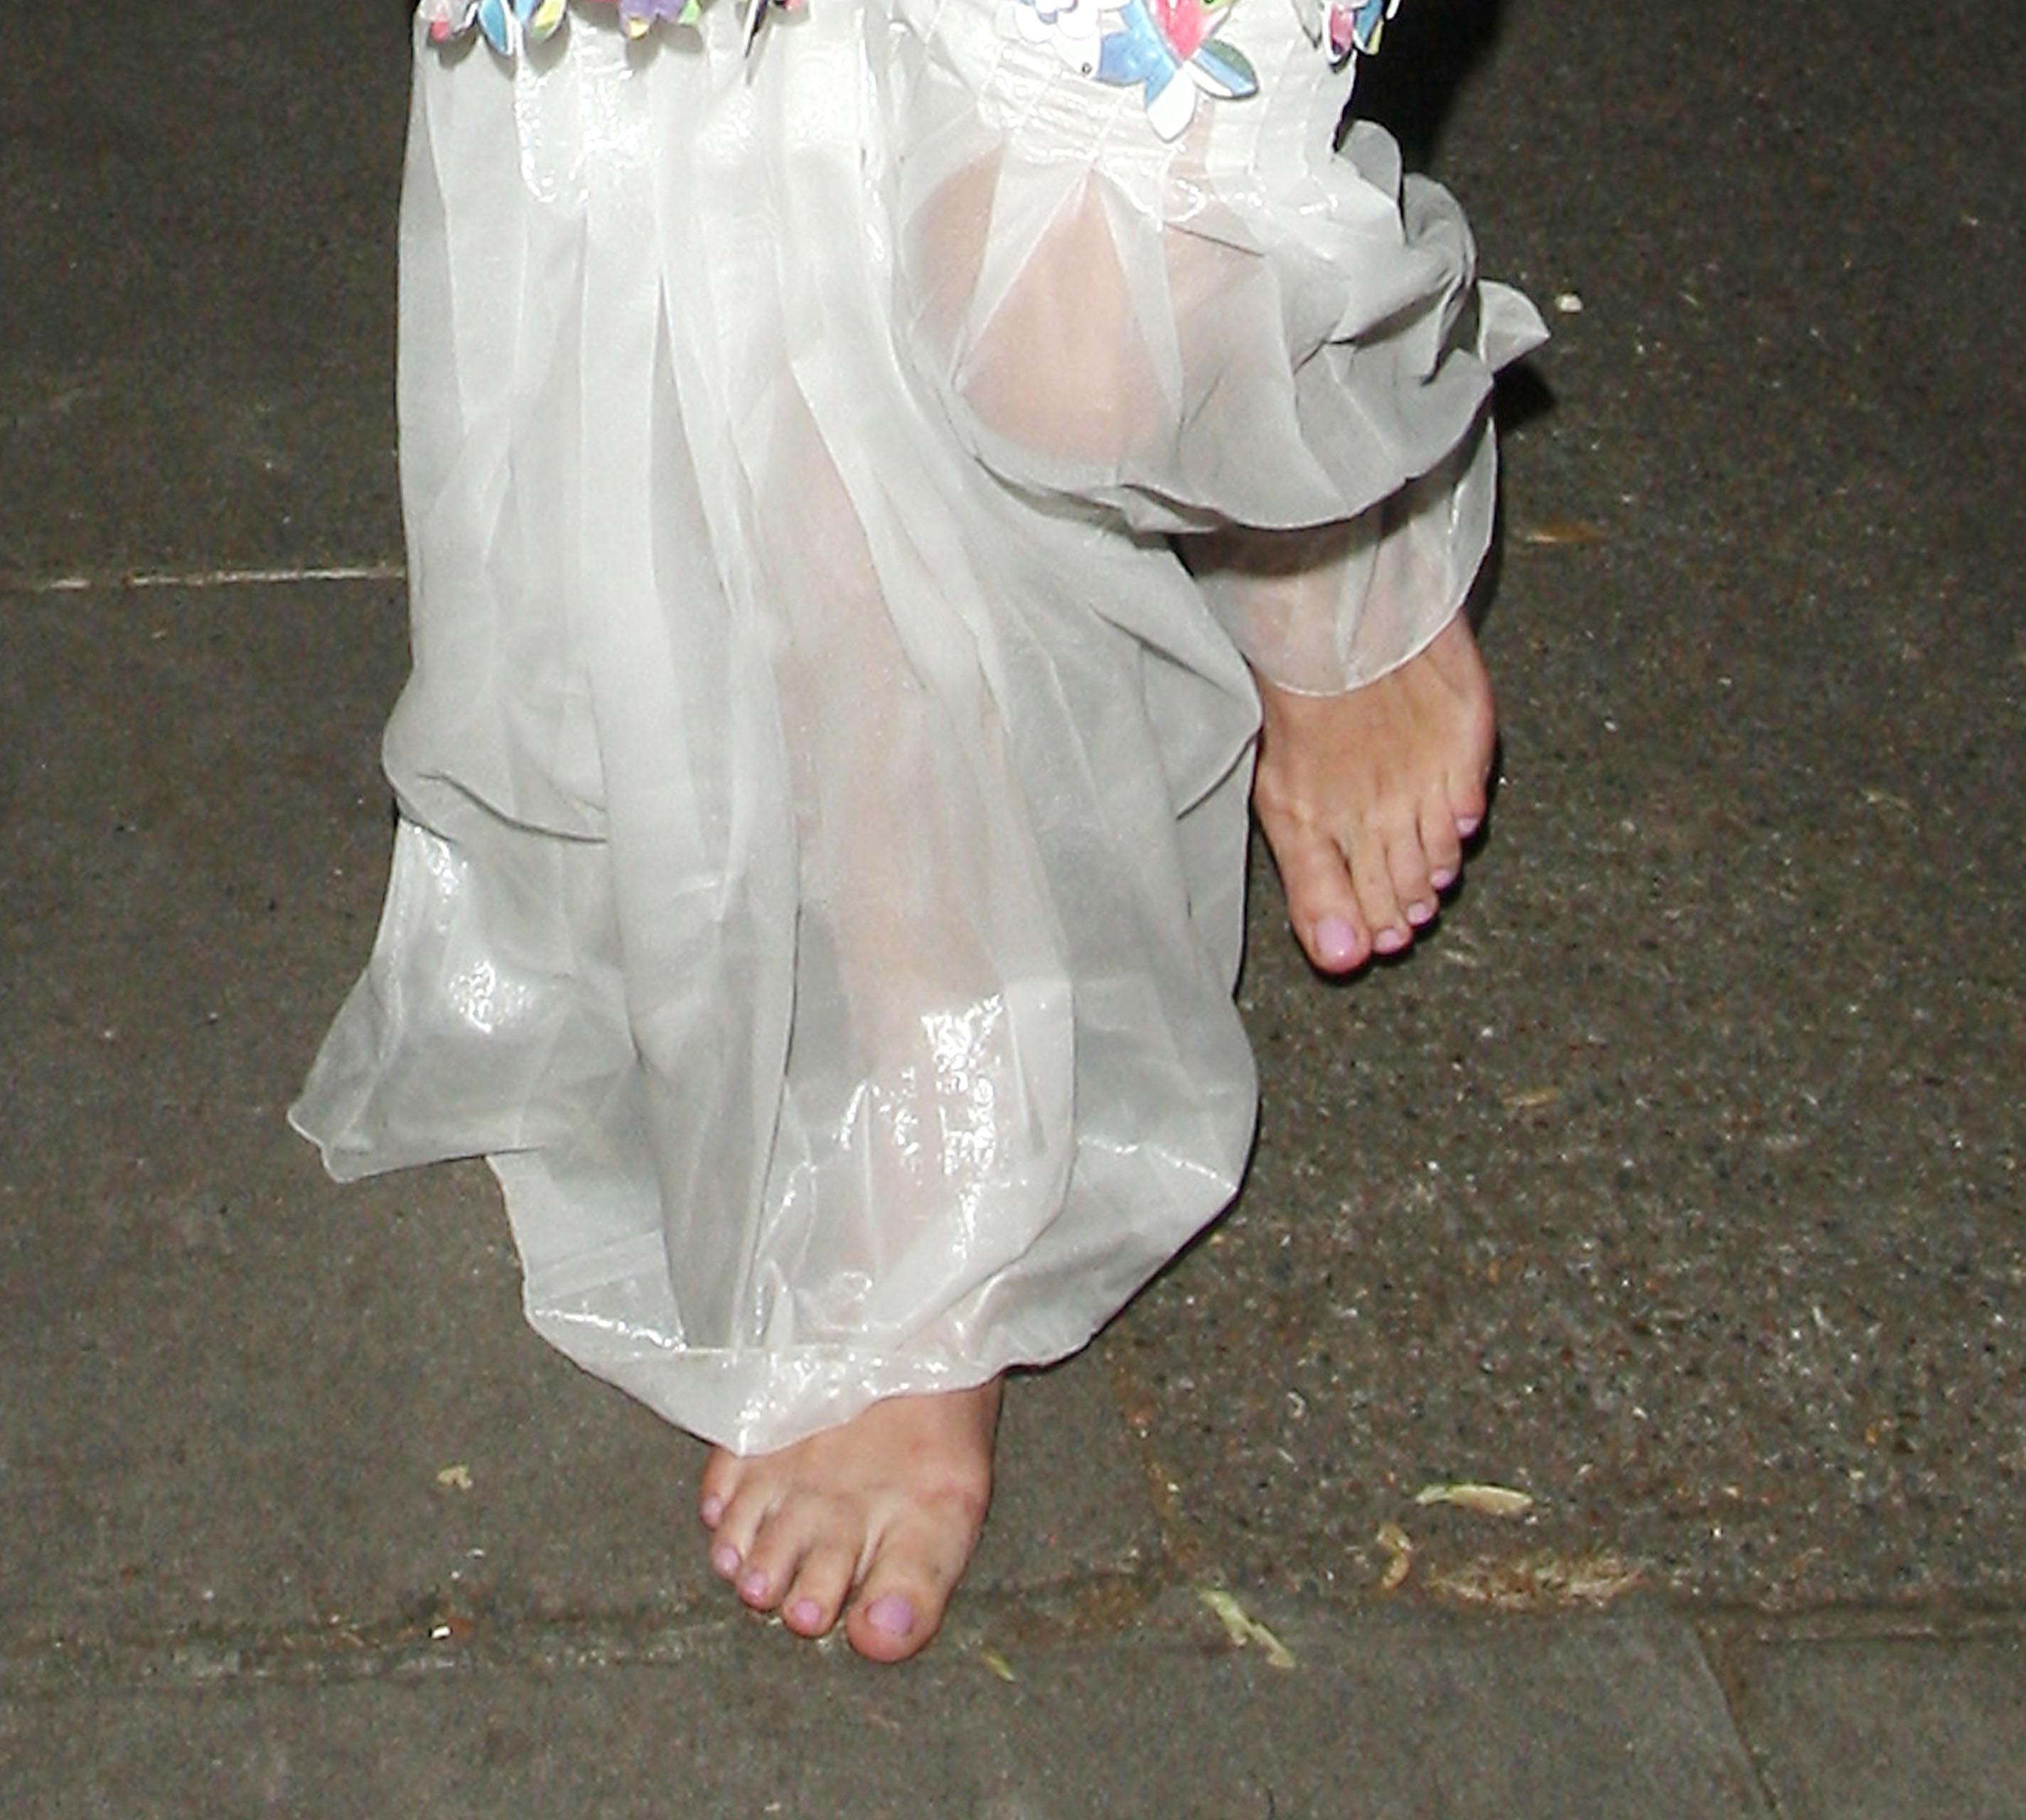 https://pics.wikifeet.com/Keira-Knightley-Feet-1385680.jpg